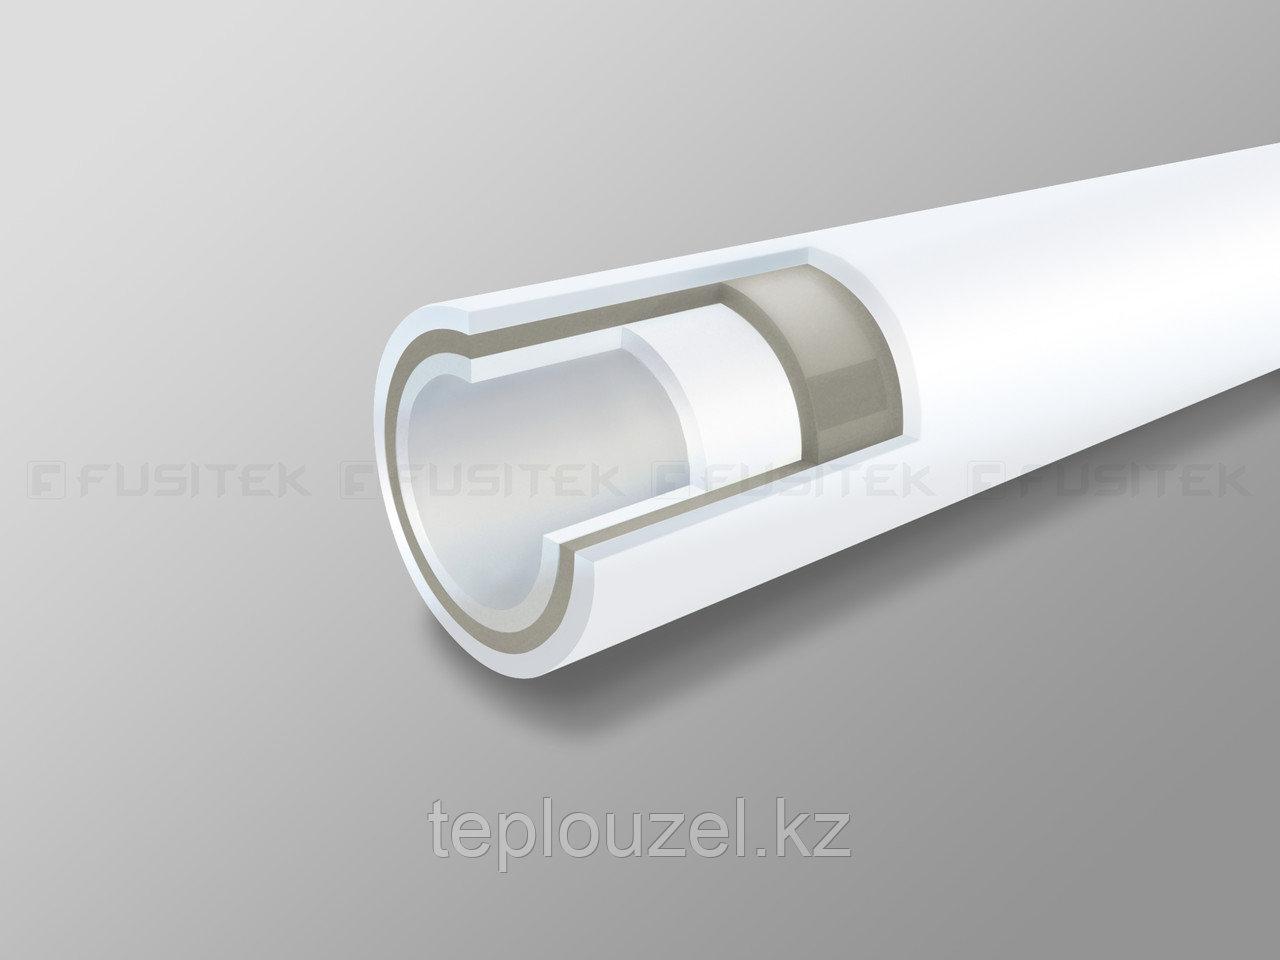 Труба композитная D32 из ППР со стекловолокном Fusitek (Россия)